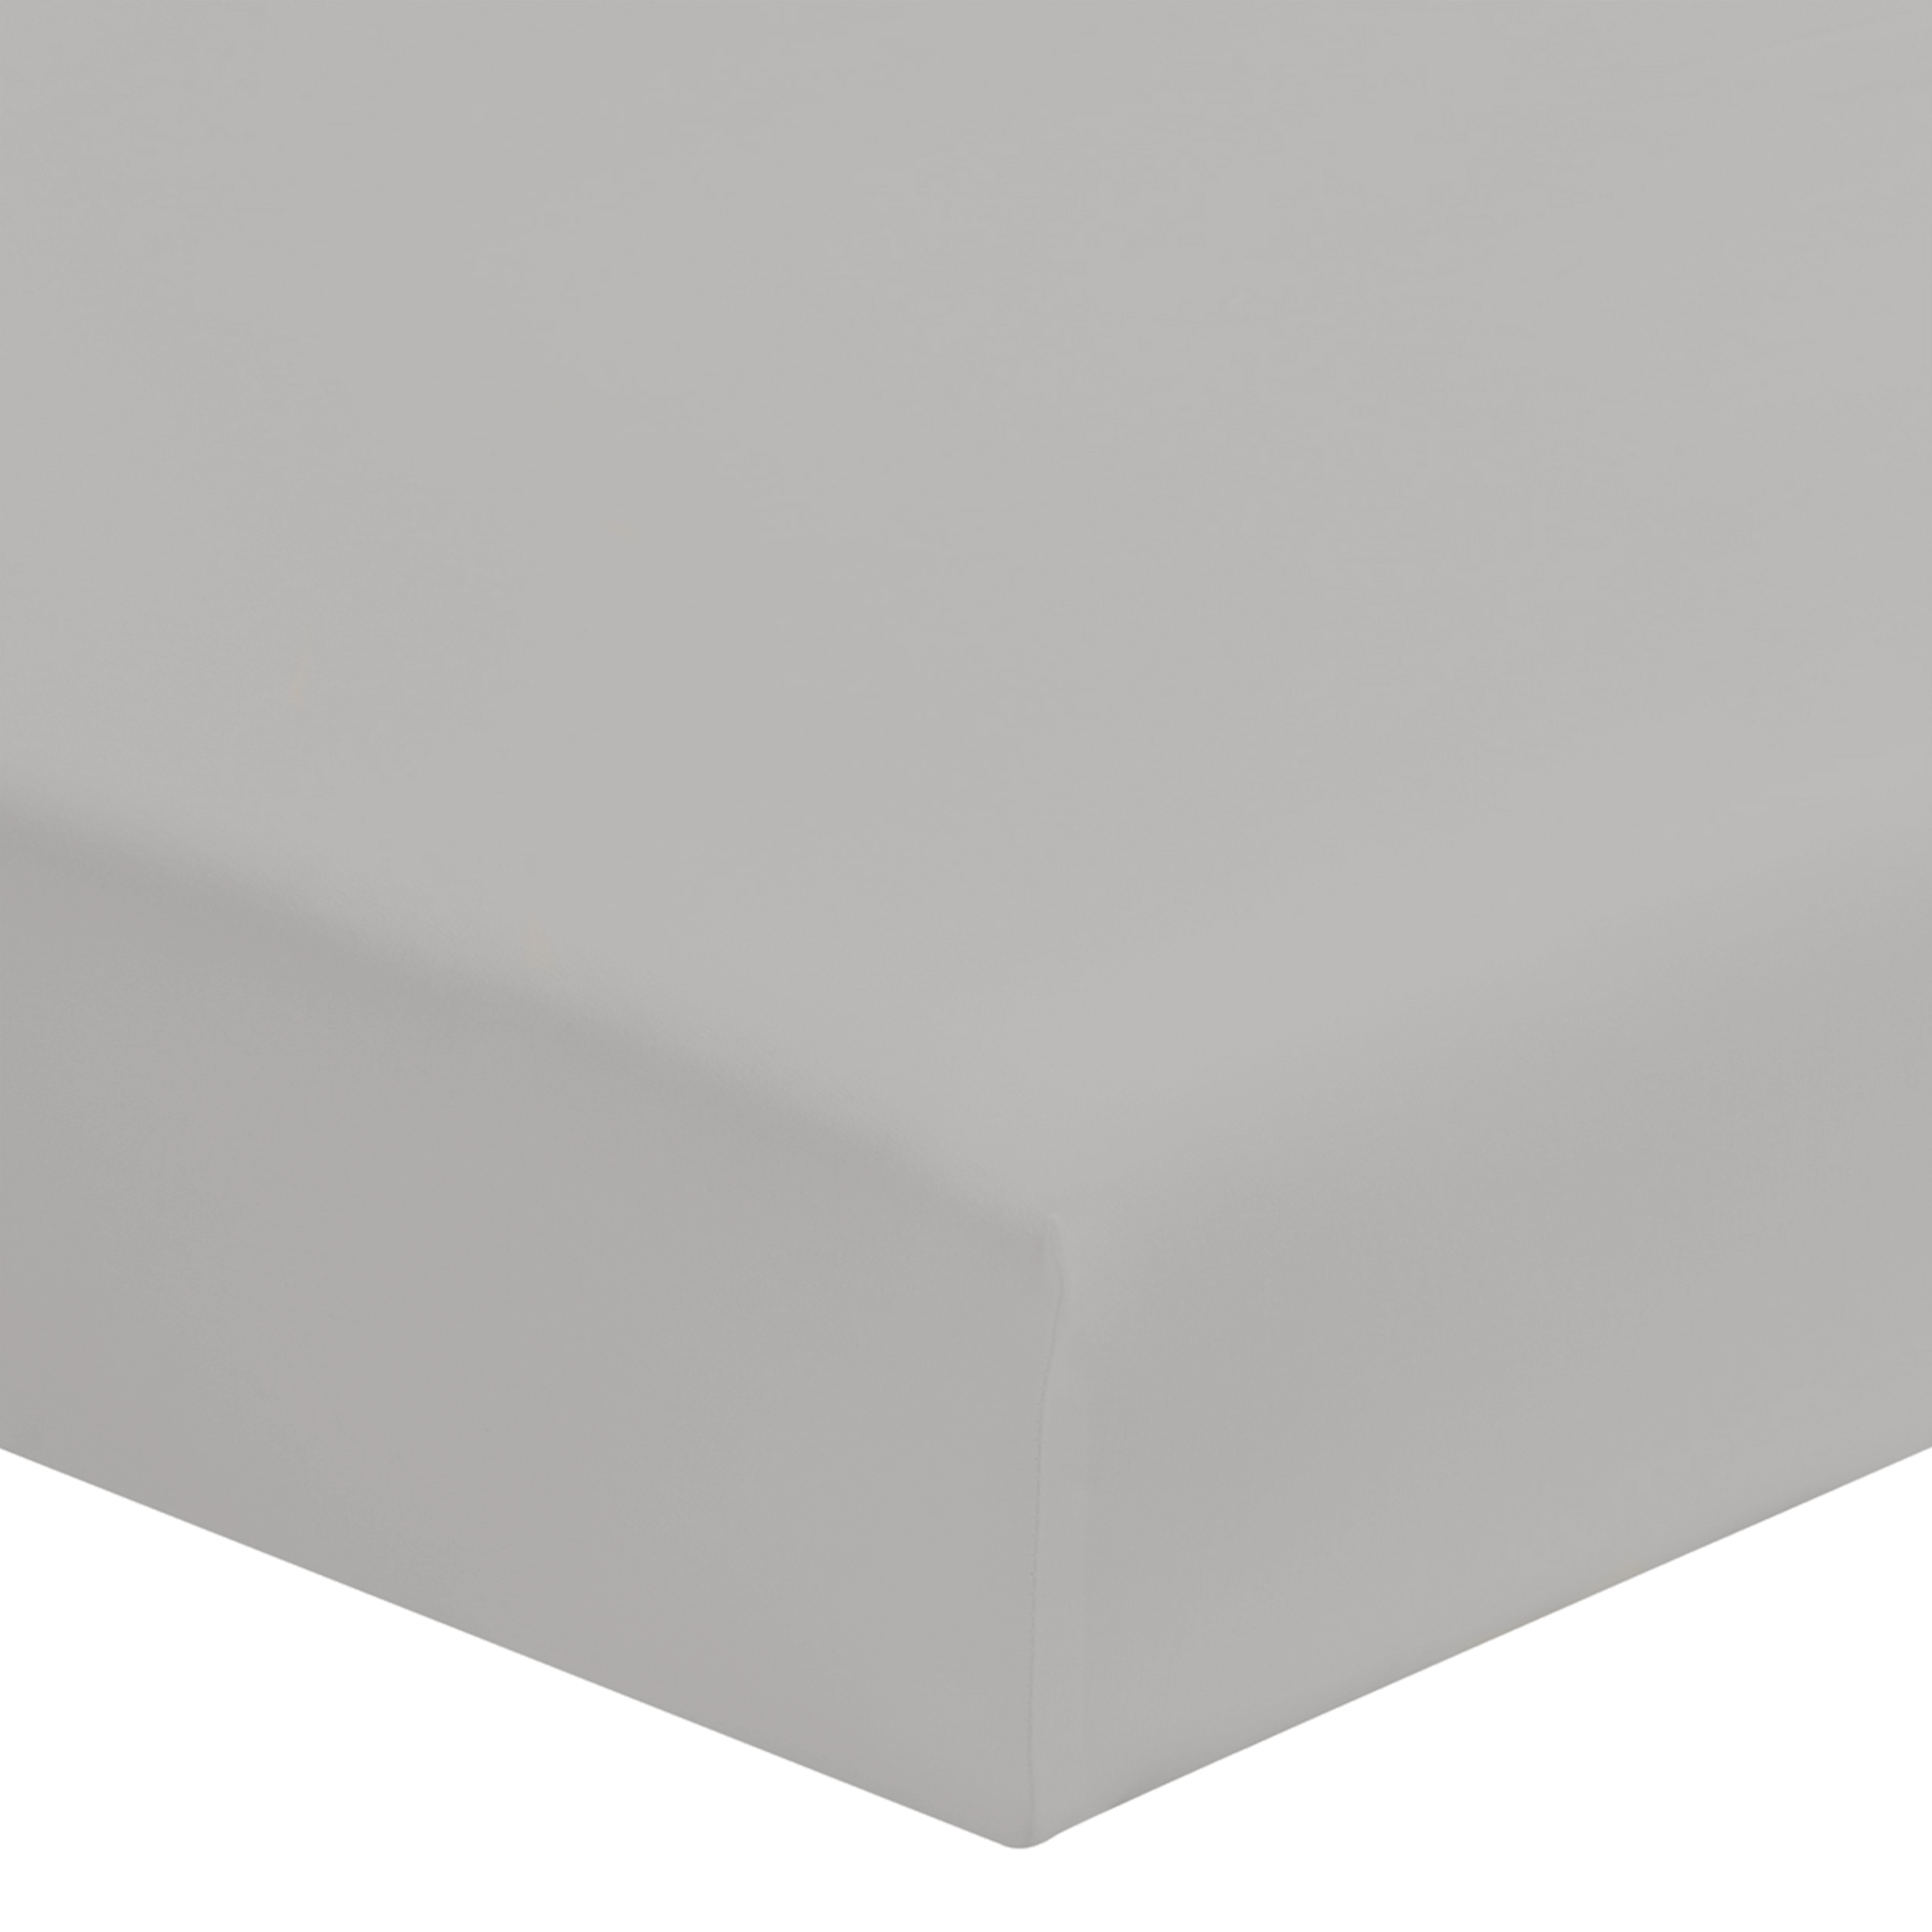 Drap housse uni en coton Gris Mastic 140x190